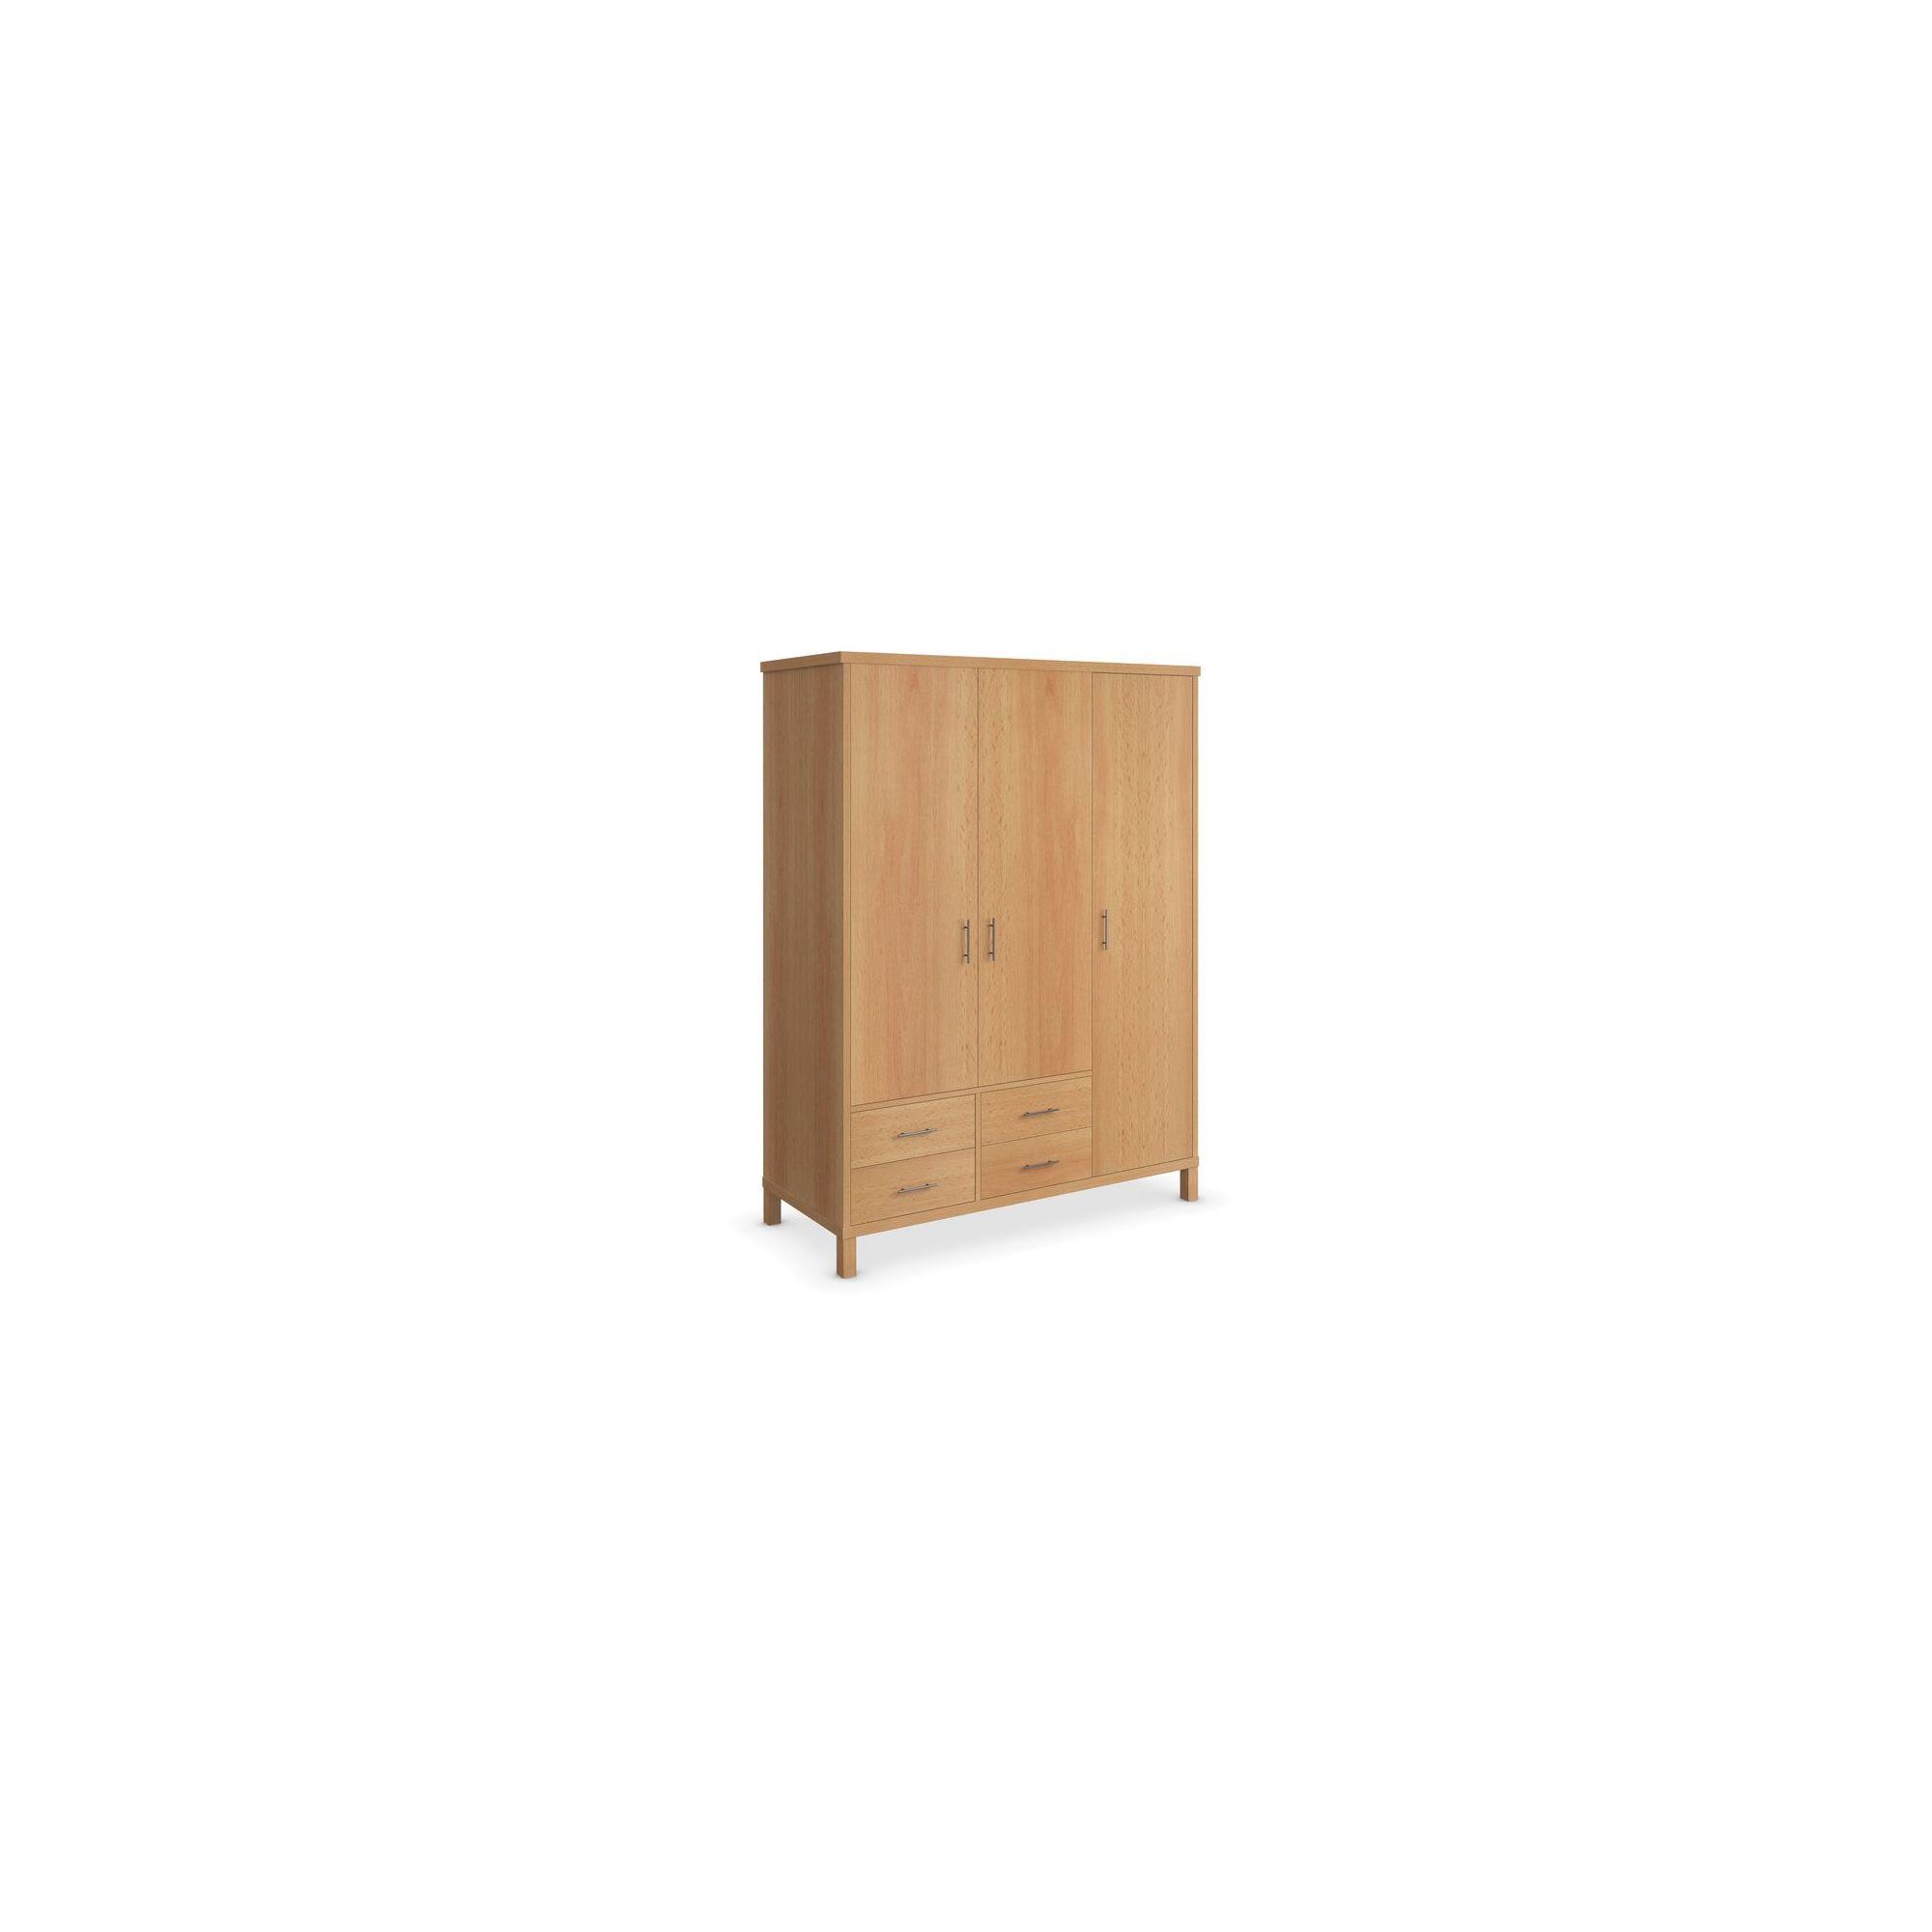 Urbane Designs Vettori Beech Bedroom 3 Door 4 Drawer Wardrobe at Tesco Direct